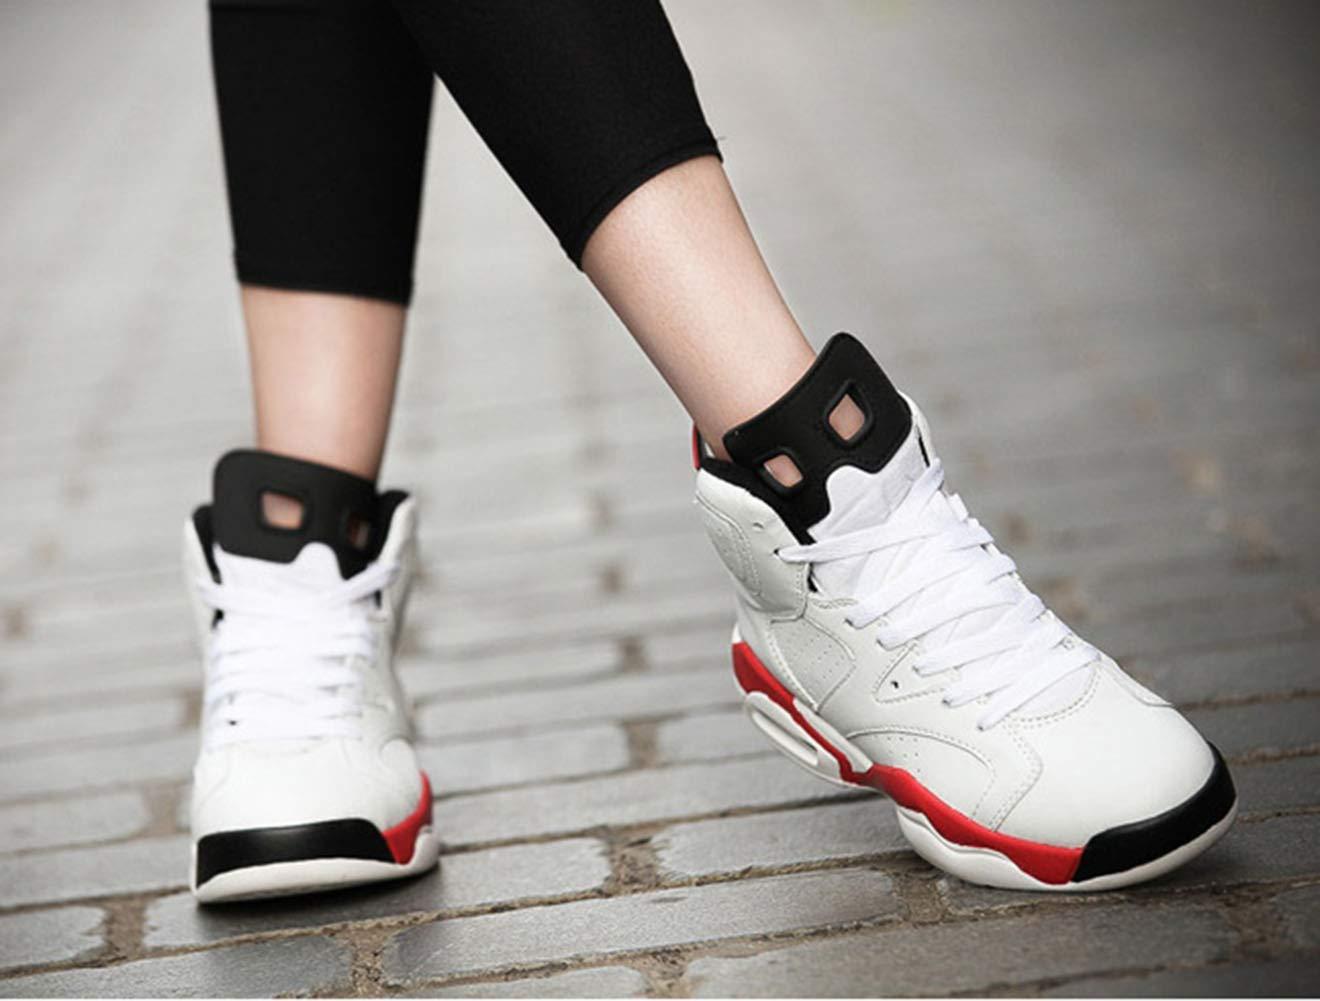 Paar Schuhe, Superfaser-Luftkissen Laufschuhe, Schnürschuhe Basketballschuhe für Männer Männer Männer und Frauen im Herbst und Winter B07MK6F695 Basketballschuhe Internationaler großer Name fc1cdf